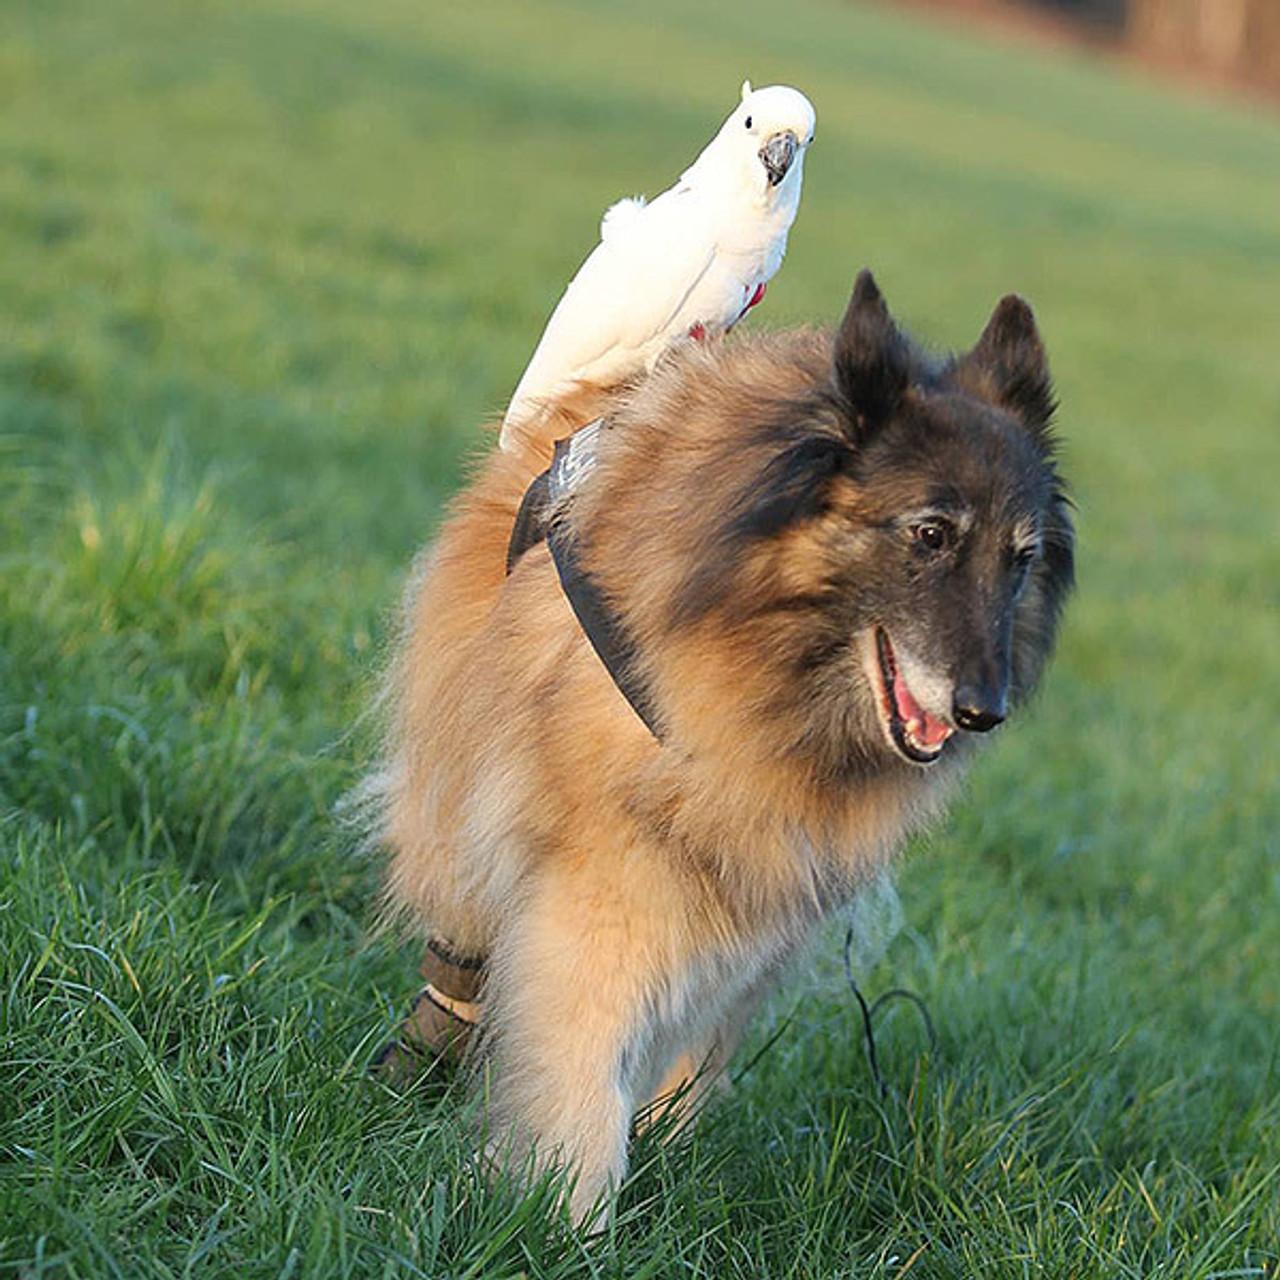 Agility Team of a Bird and a Dog